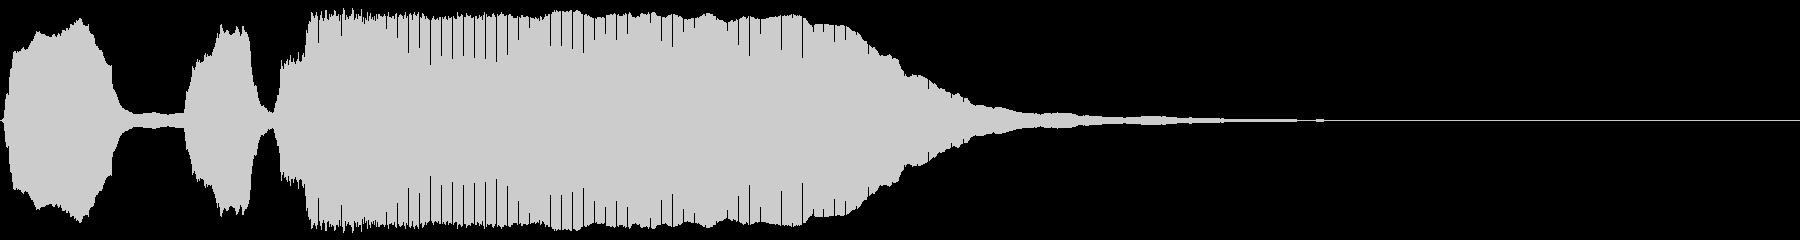 トランペット/下がるテッテレーの未再生の波形